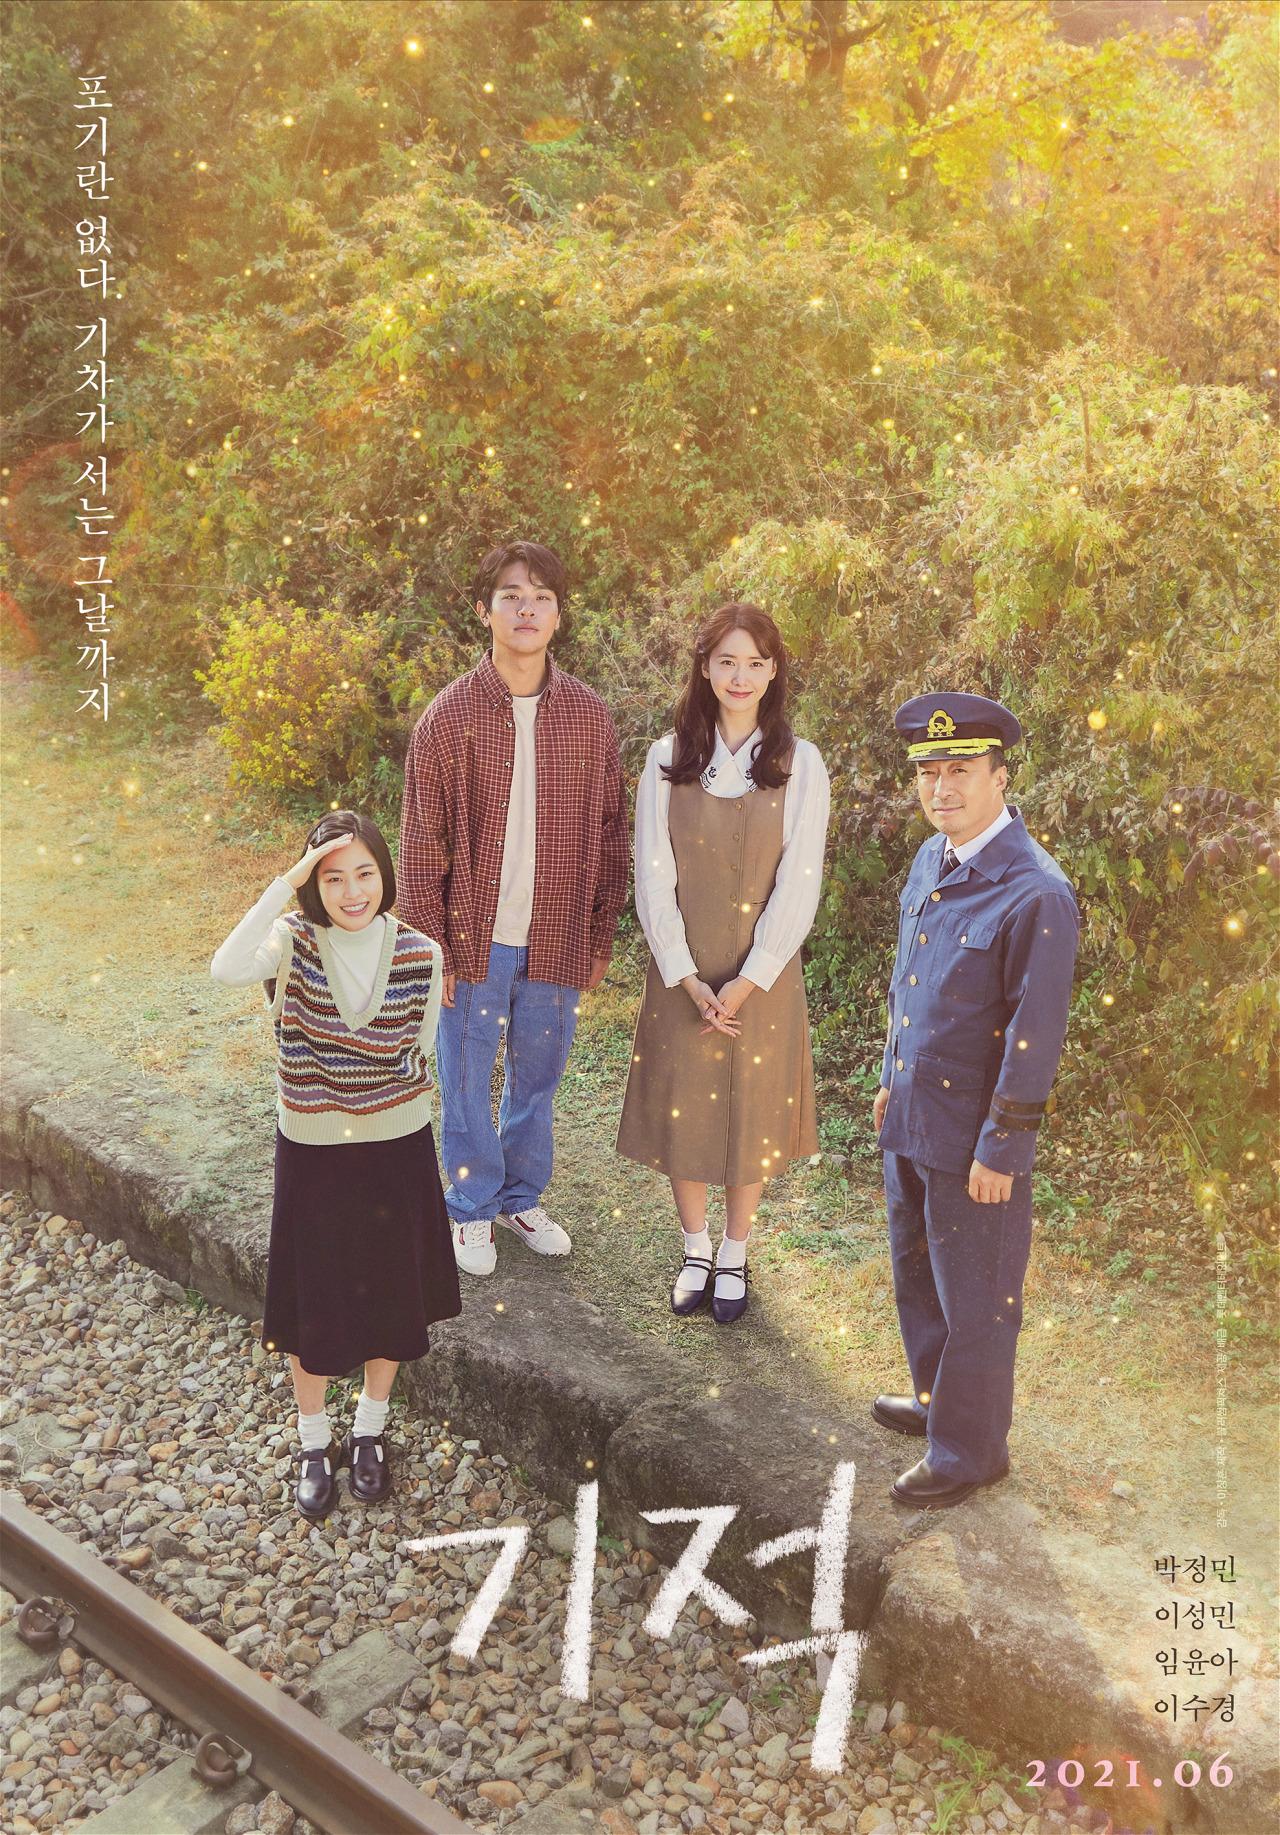 The Miracle', la nueva película coreana basada en hechos reales